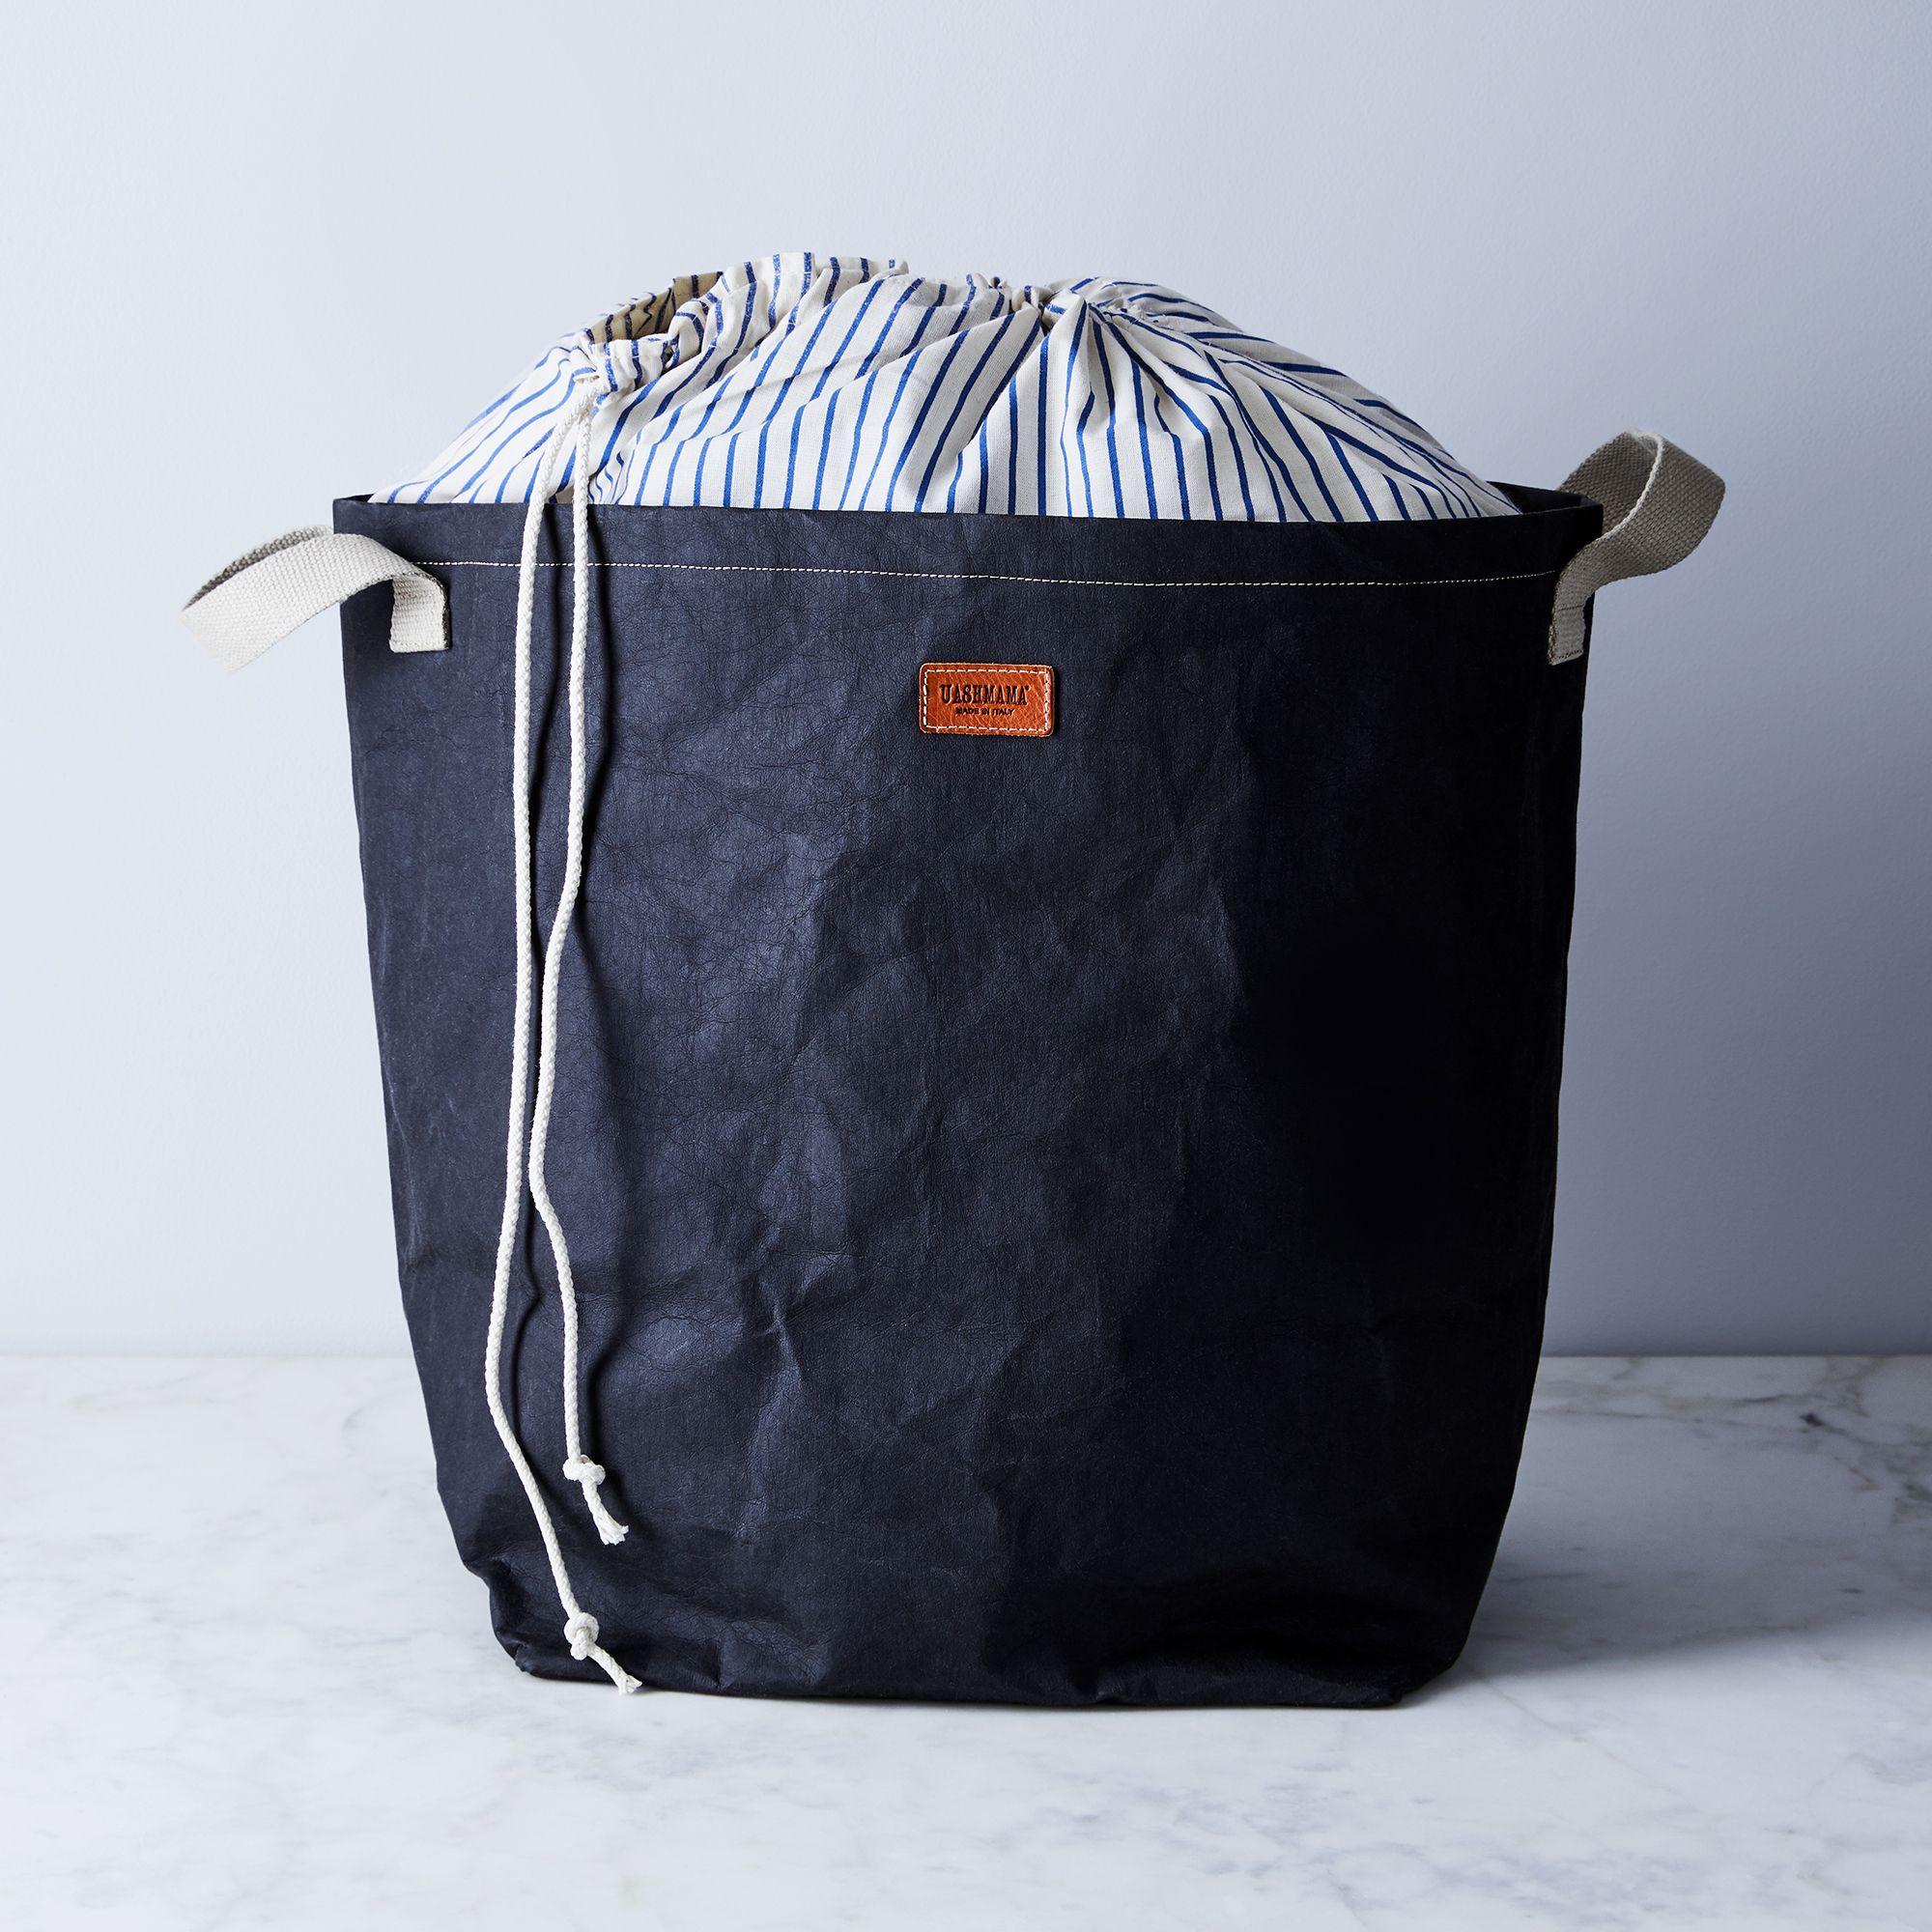 175a111d 68d5 442d 88f0 002a86ea6ec3  2018 0227 uashmama laundry bag black silo ty mecham 006